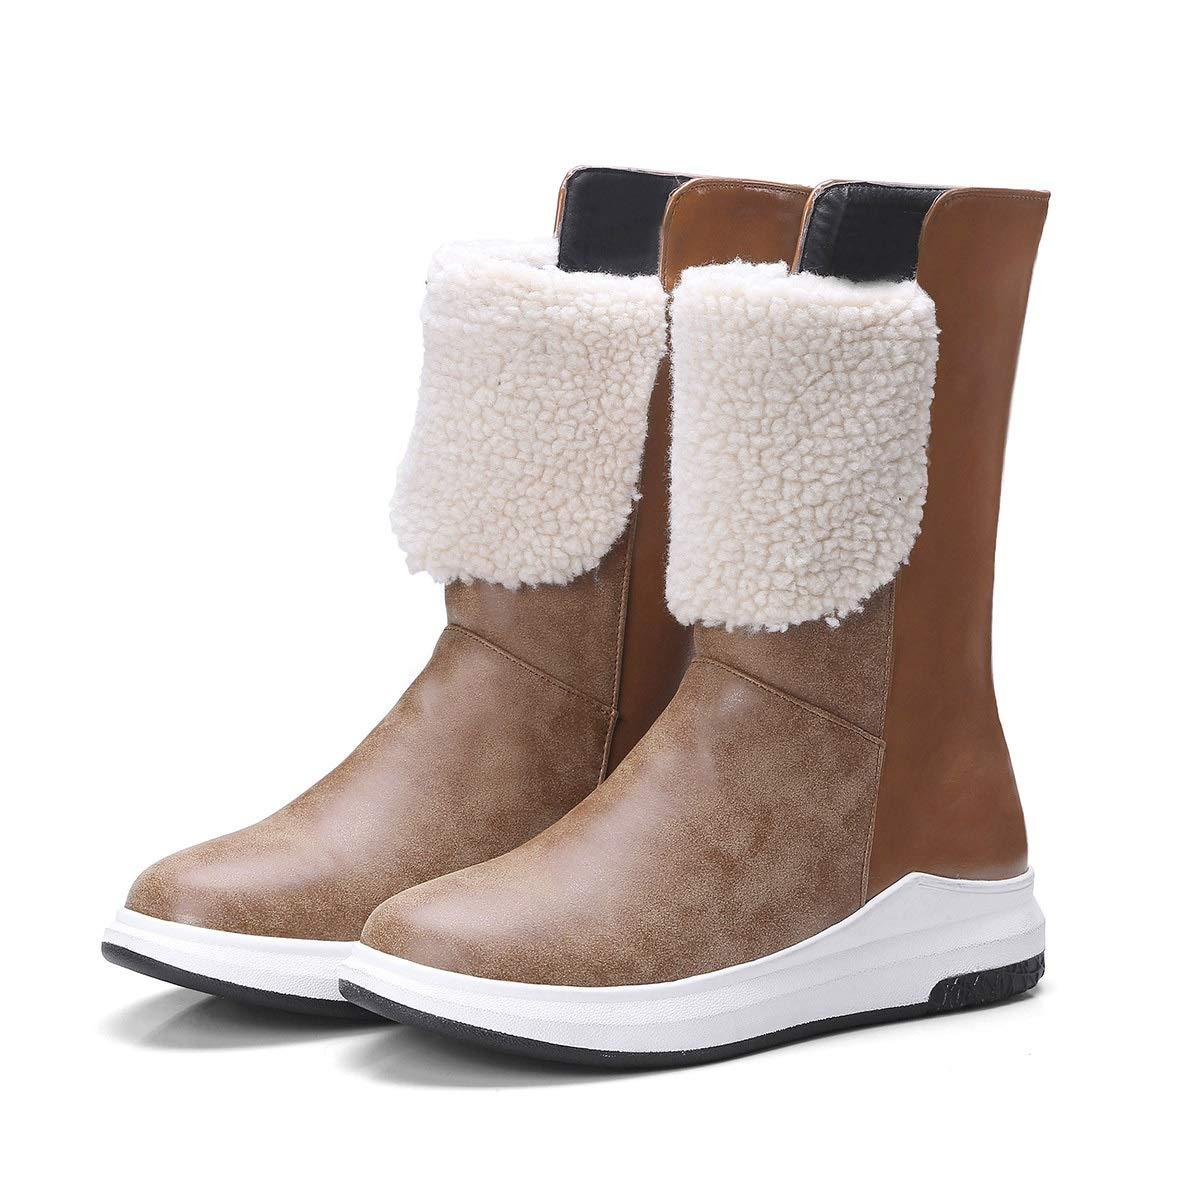 DANDANJIE Damen Schneestiefel Casual Keilabsatz Mode Stiefeletten Schwarz Braun für Herbst und Winter